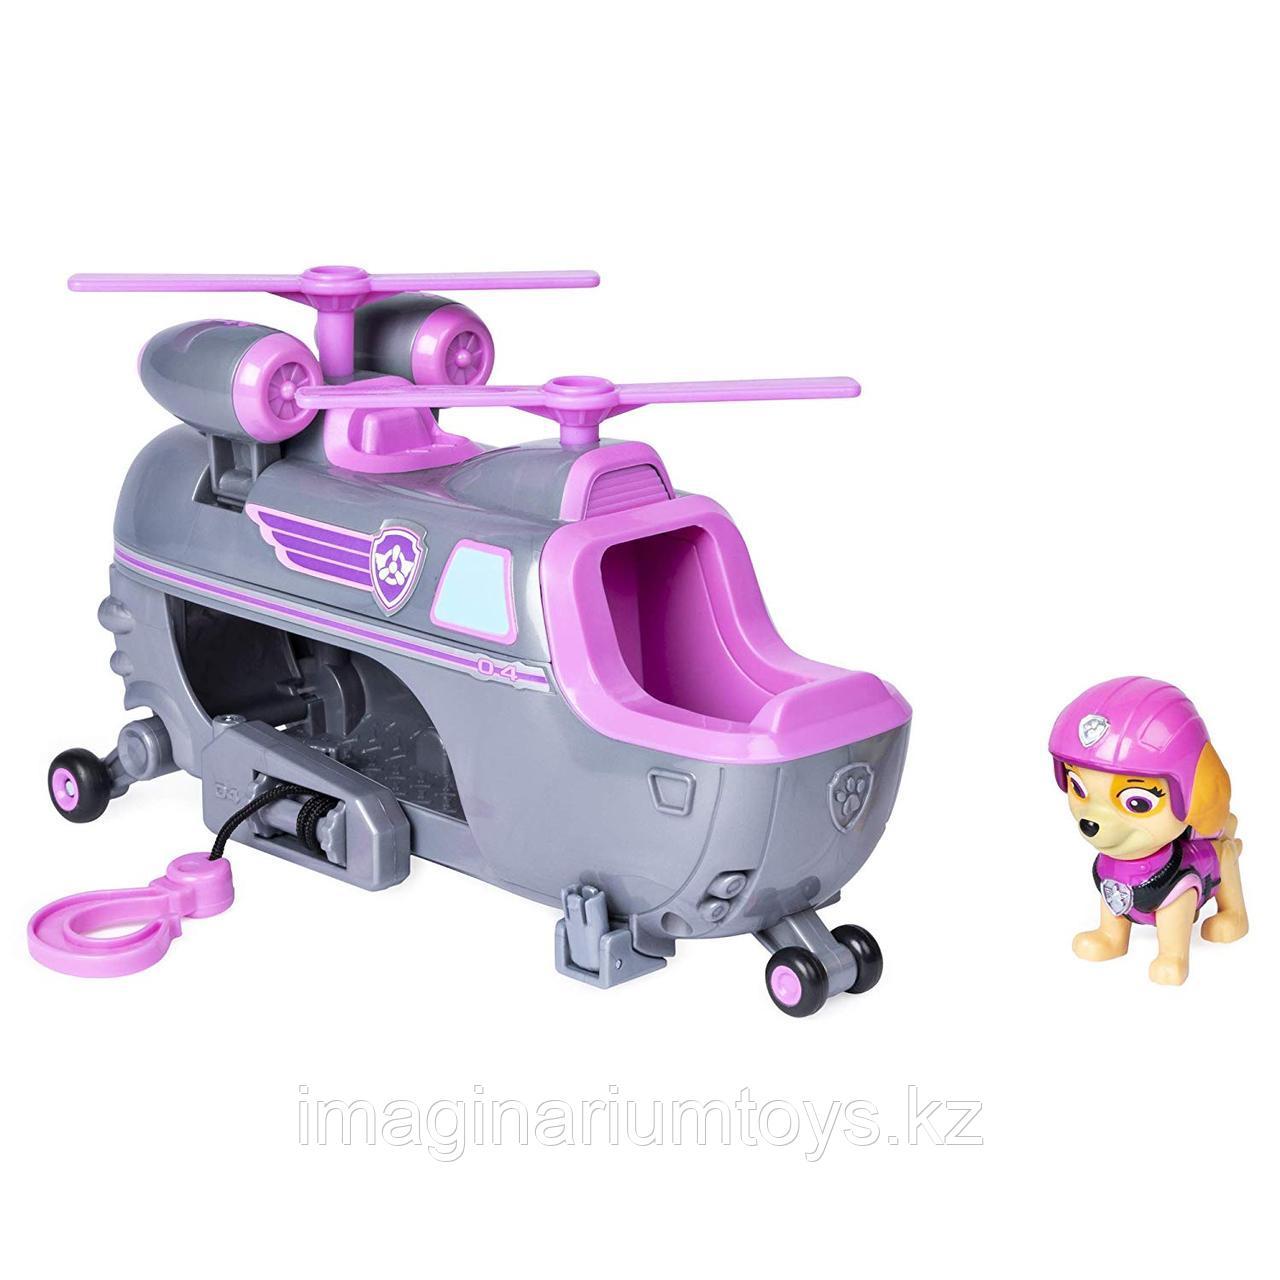 Щенячий патруль «Скай» с большим вертолетом. Новая серия.